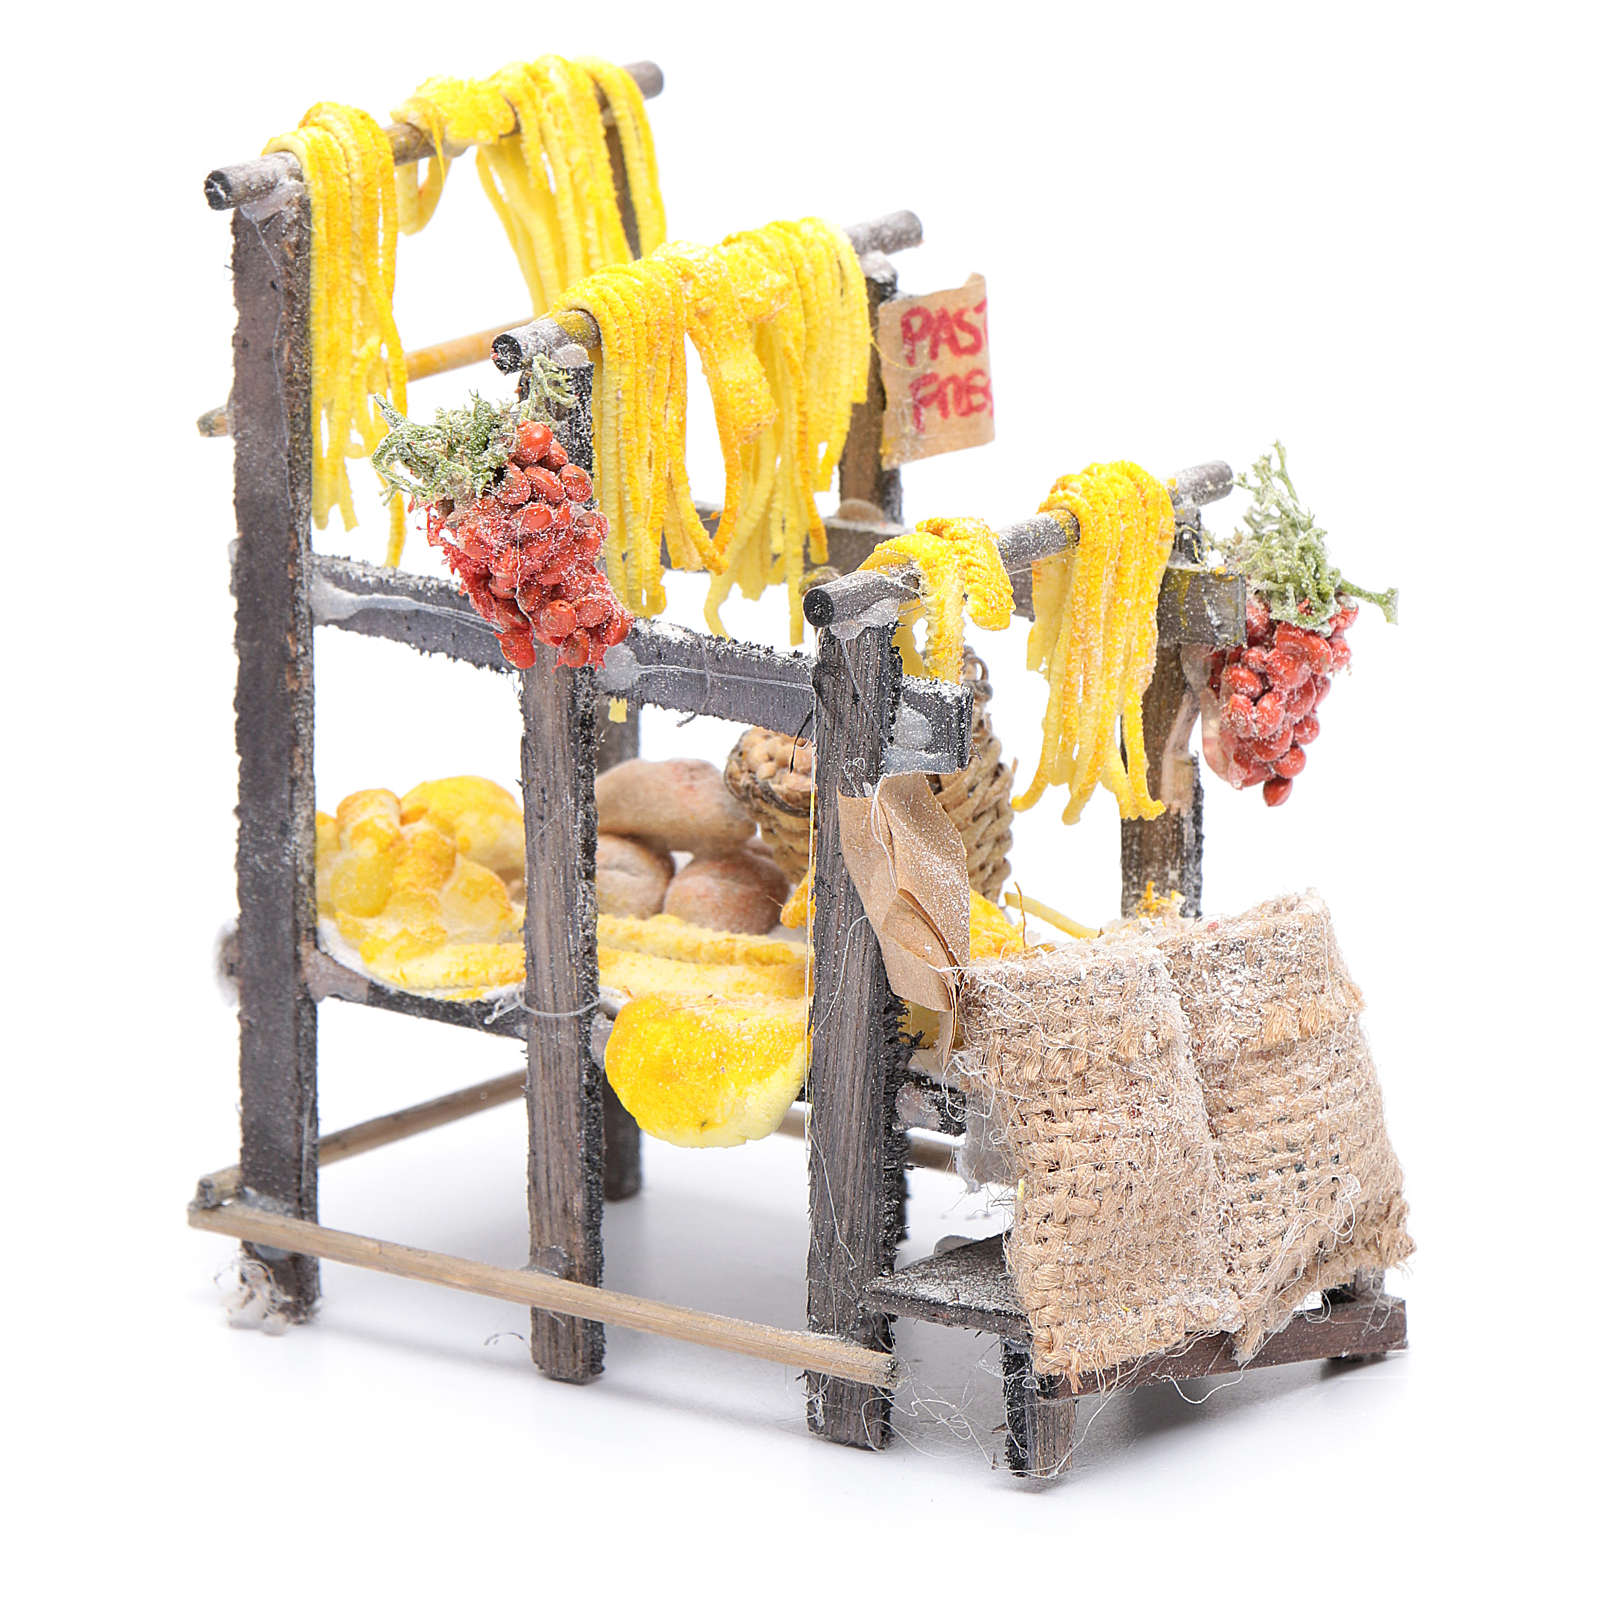 Banchetto con pasta e sacchi presepe napoletano 4